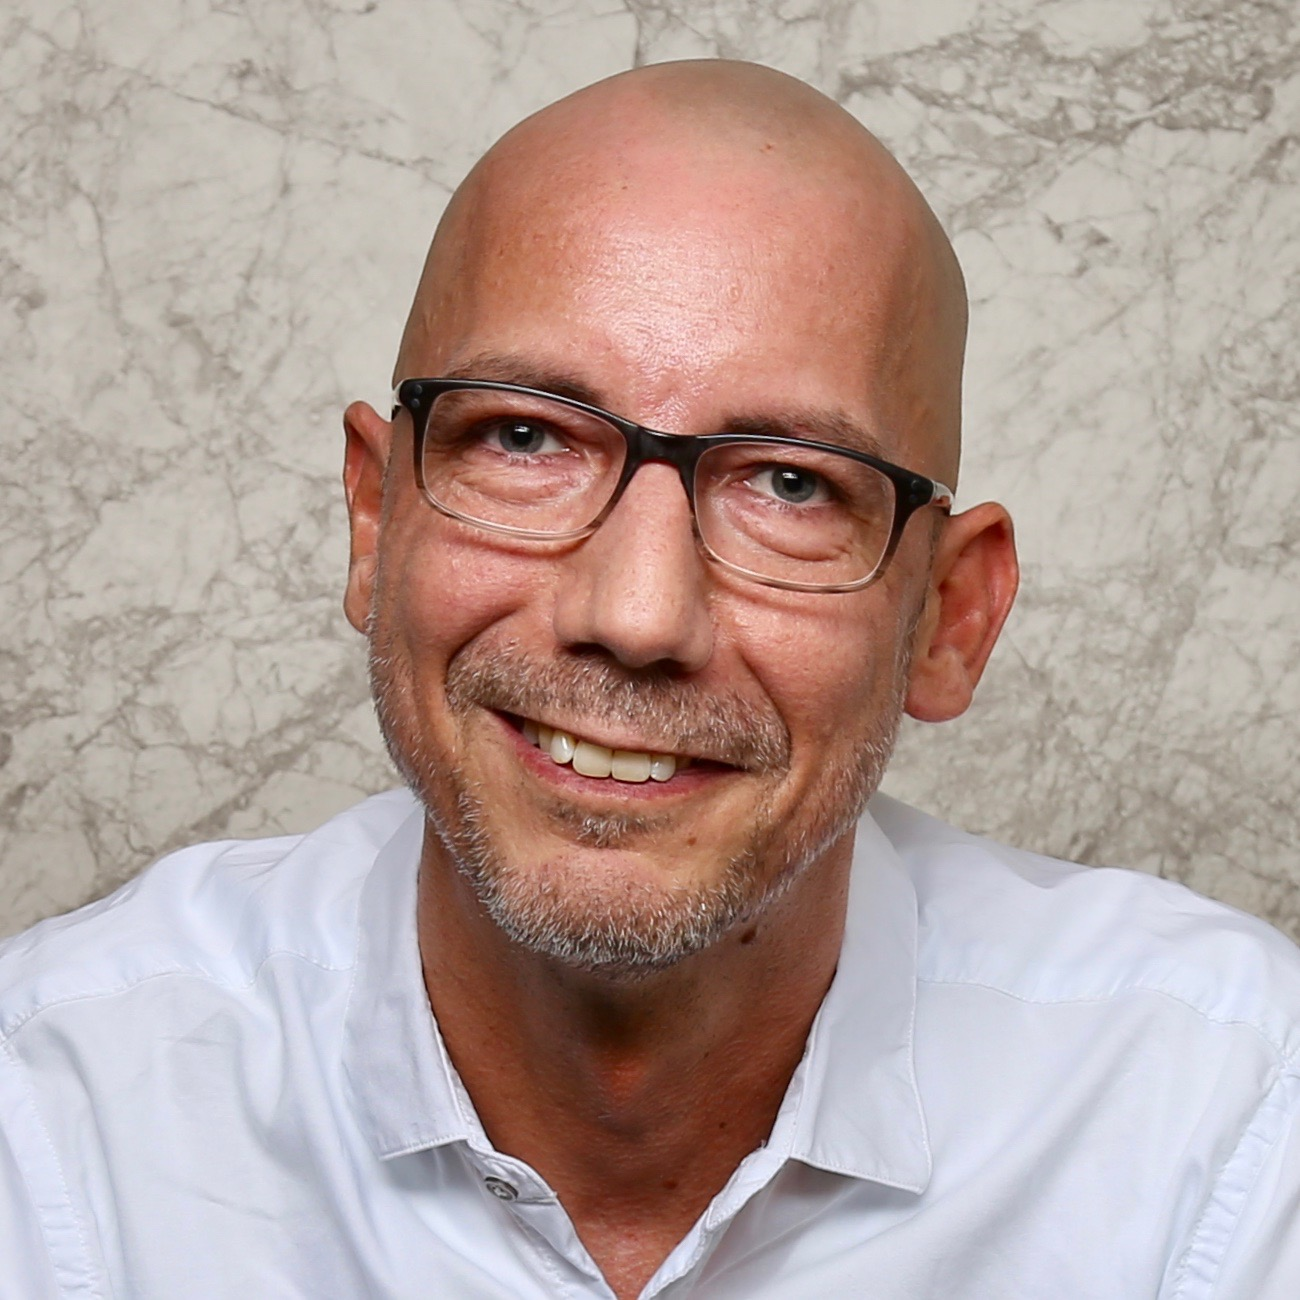 Alexander Fillbrandt ist der Autor der Therapiebücher.